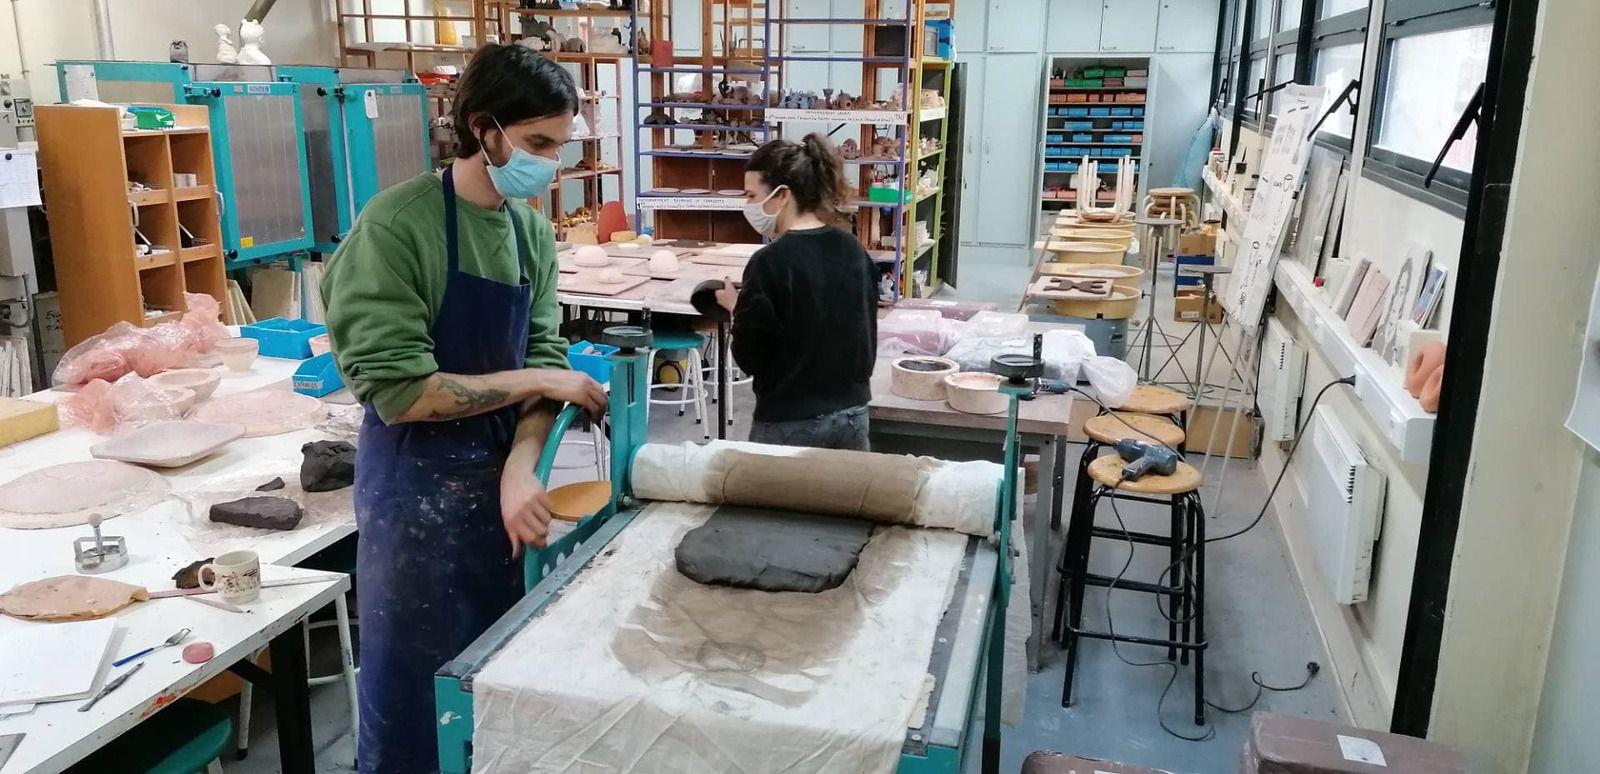 La céramique à l'honneur avec Pablo Grand Mourcel et l'école d'art Claude Monet à Aulnay-sous-Bois